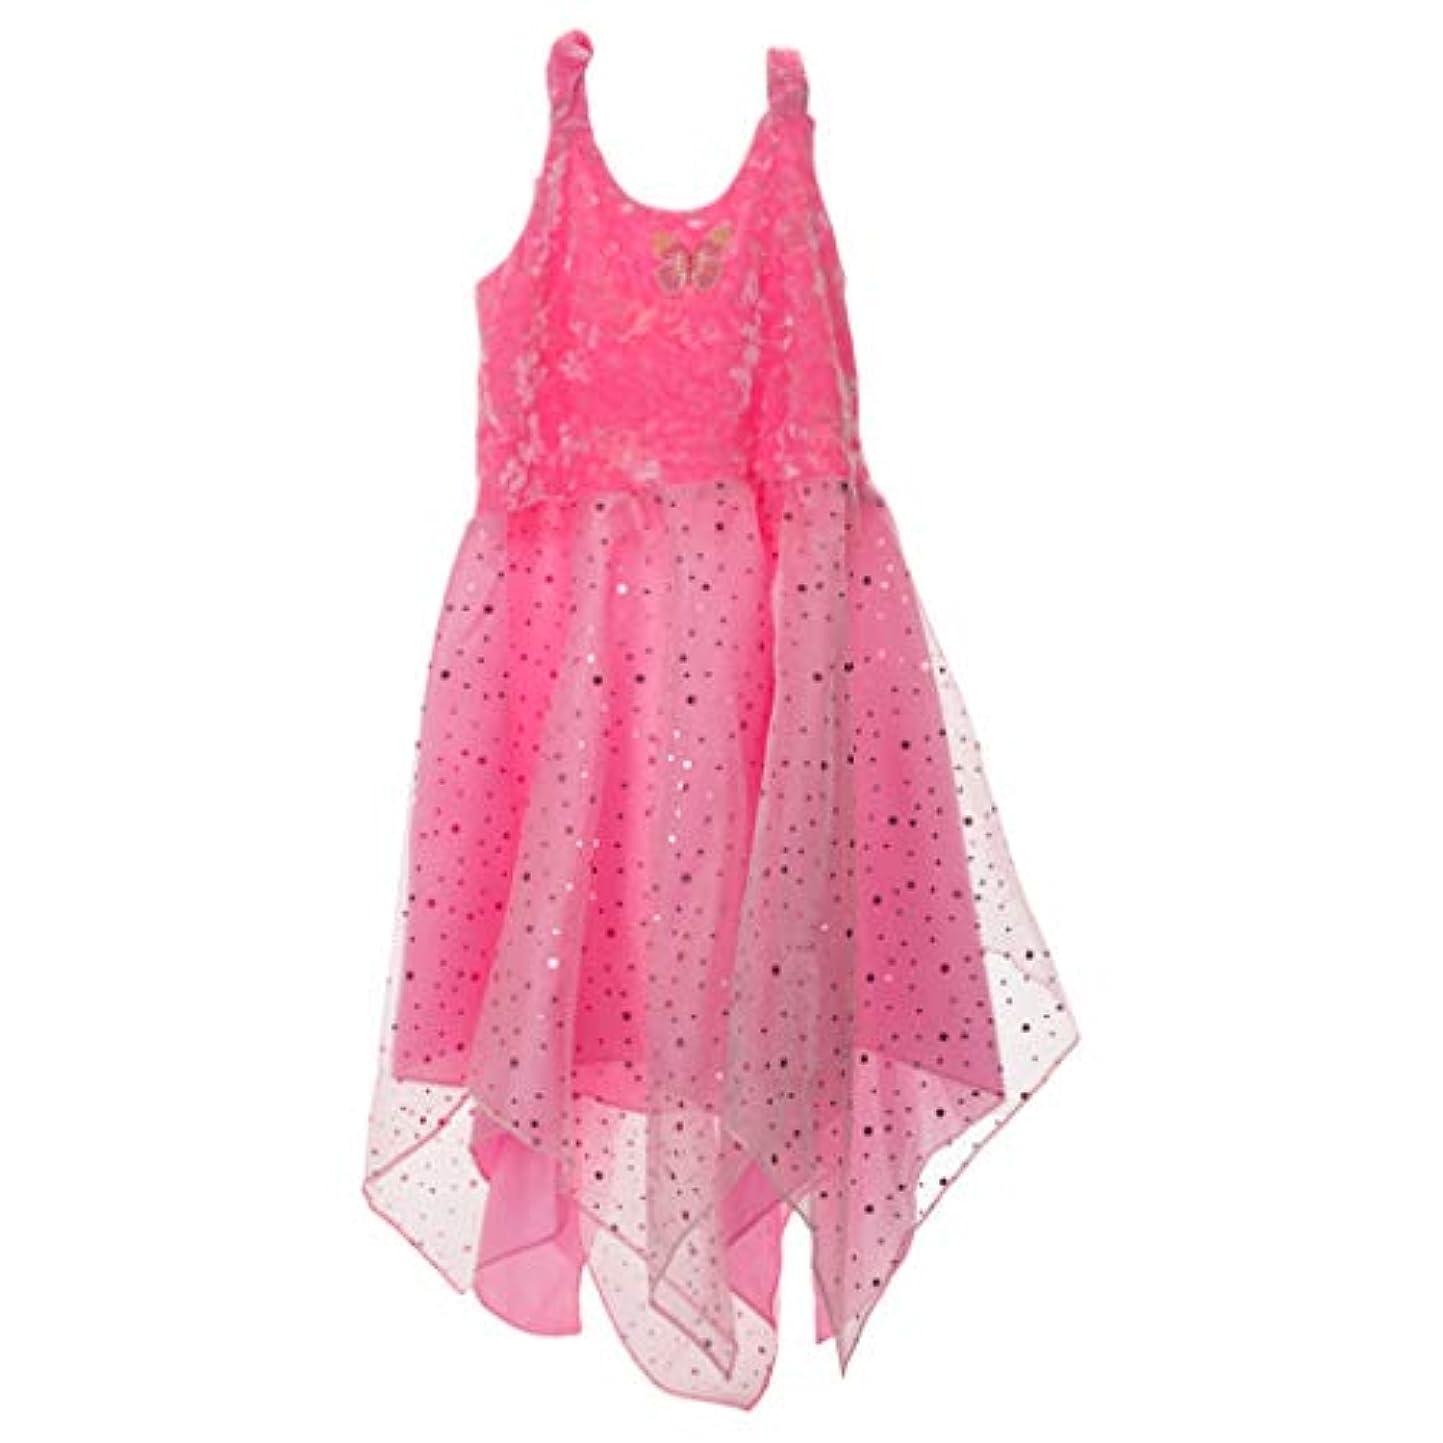 子豚舞い上がる退却フェアリーダンサー キャンディピンク ミディアム オーガンジーファブリック 子供用コスチュームドレス